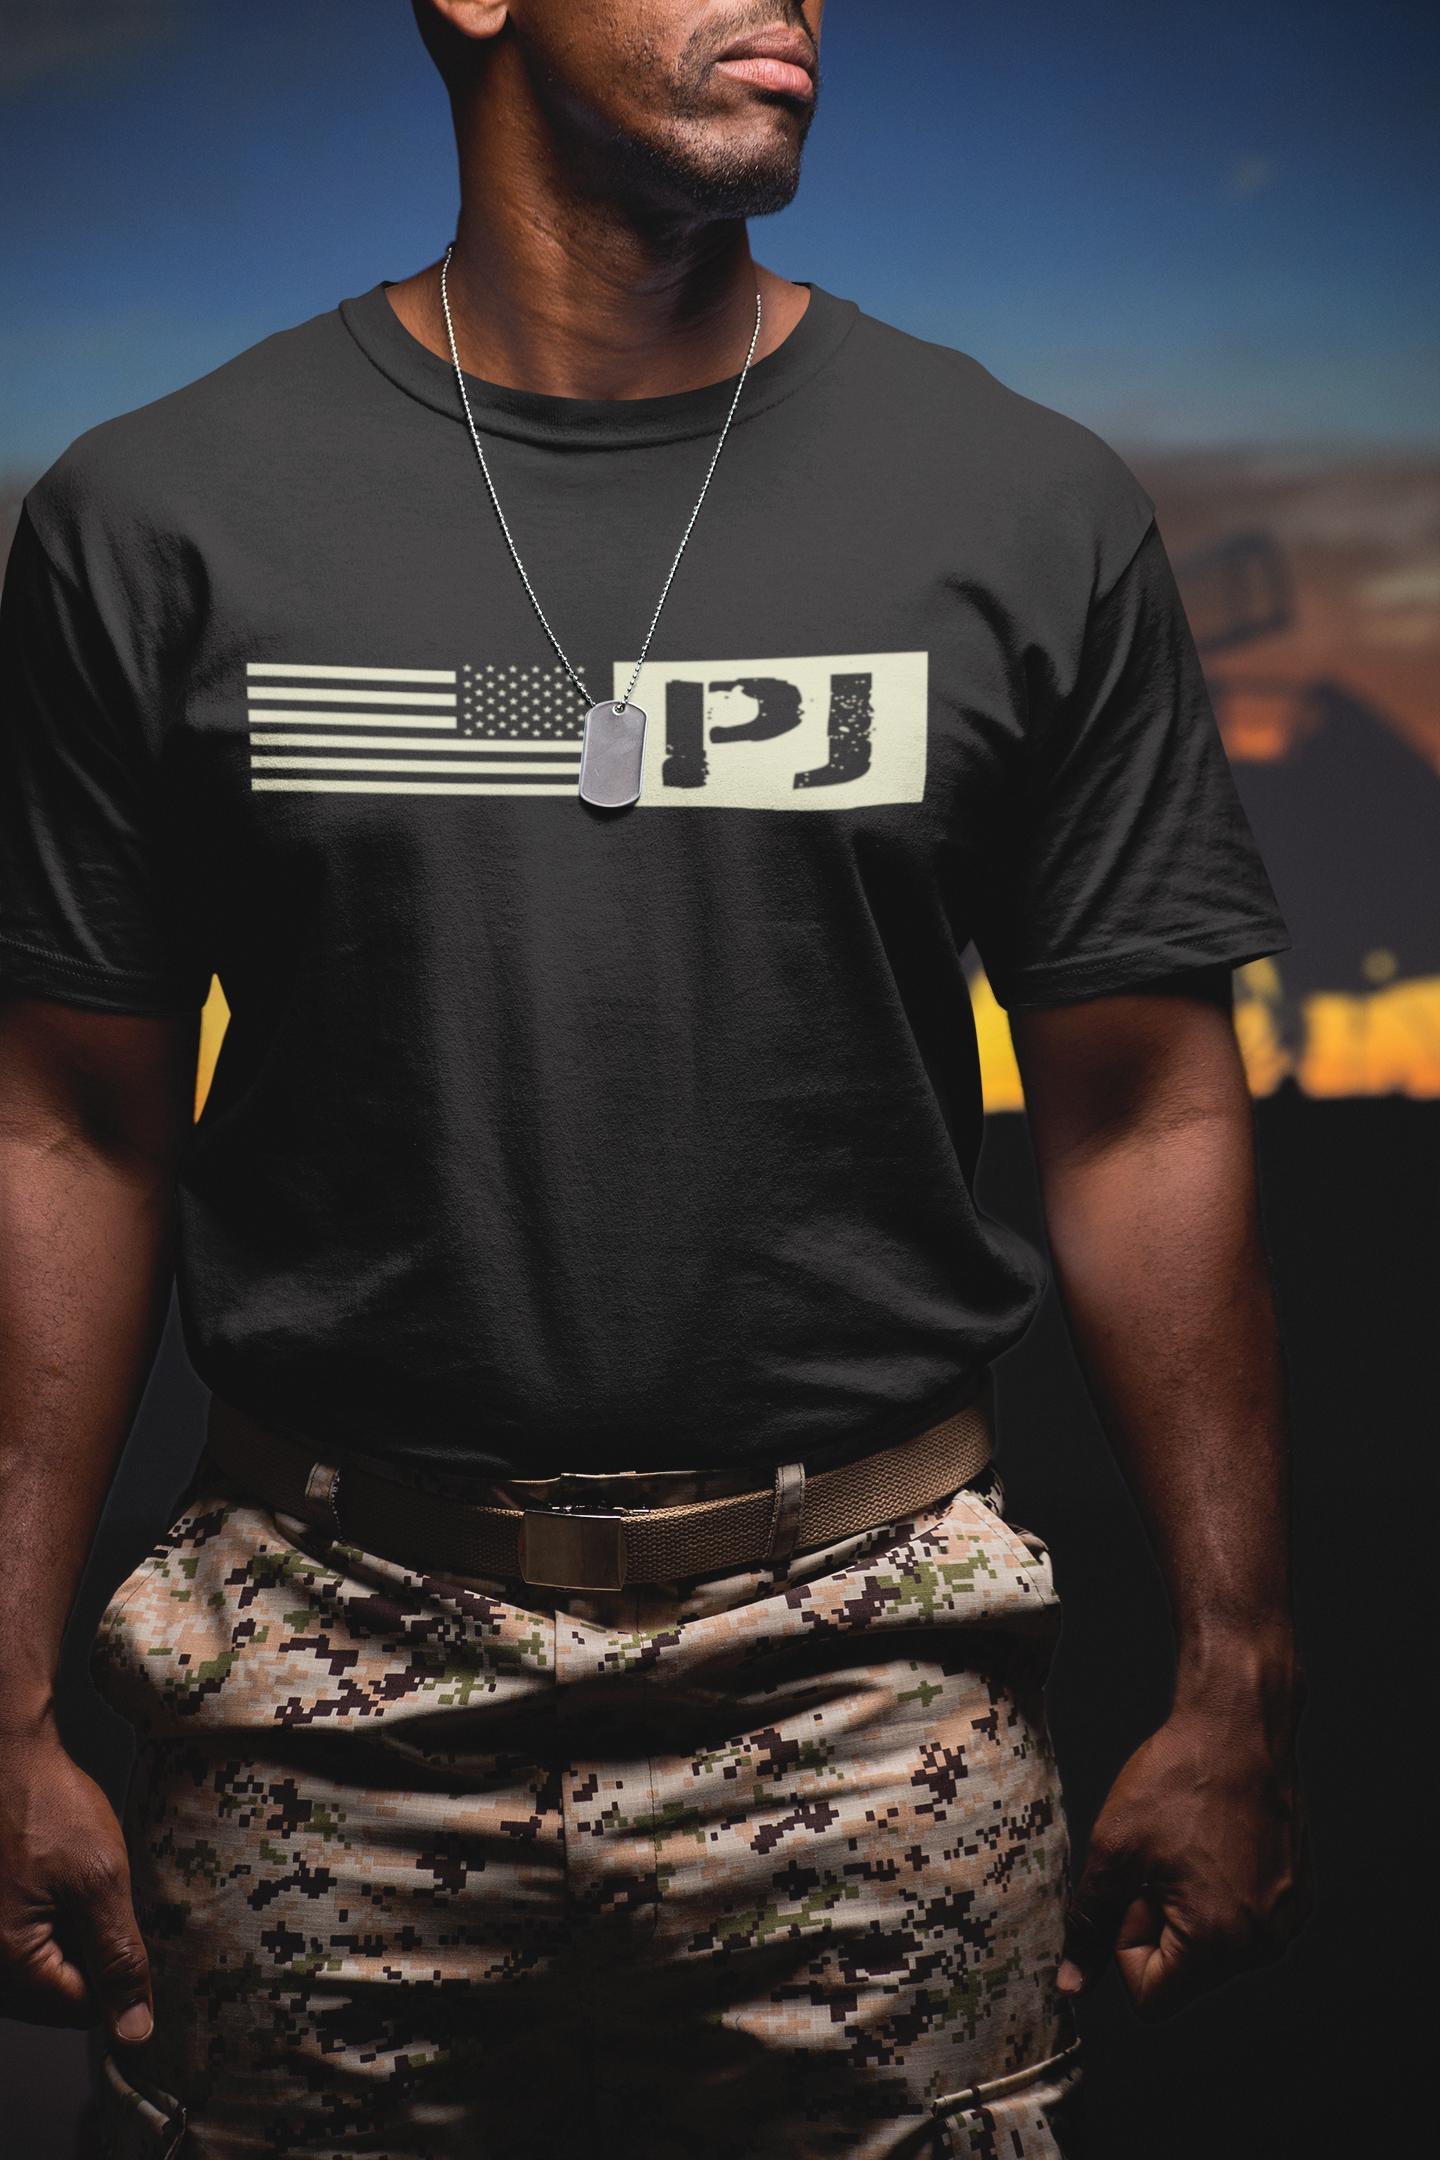 U.S. Air Force Pararescue (PJ) TShirt Air force